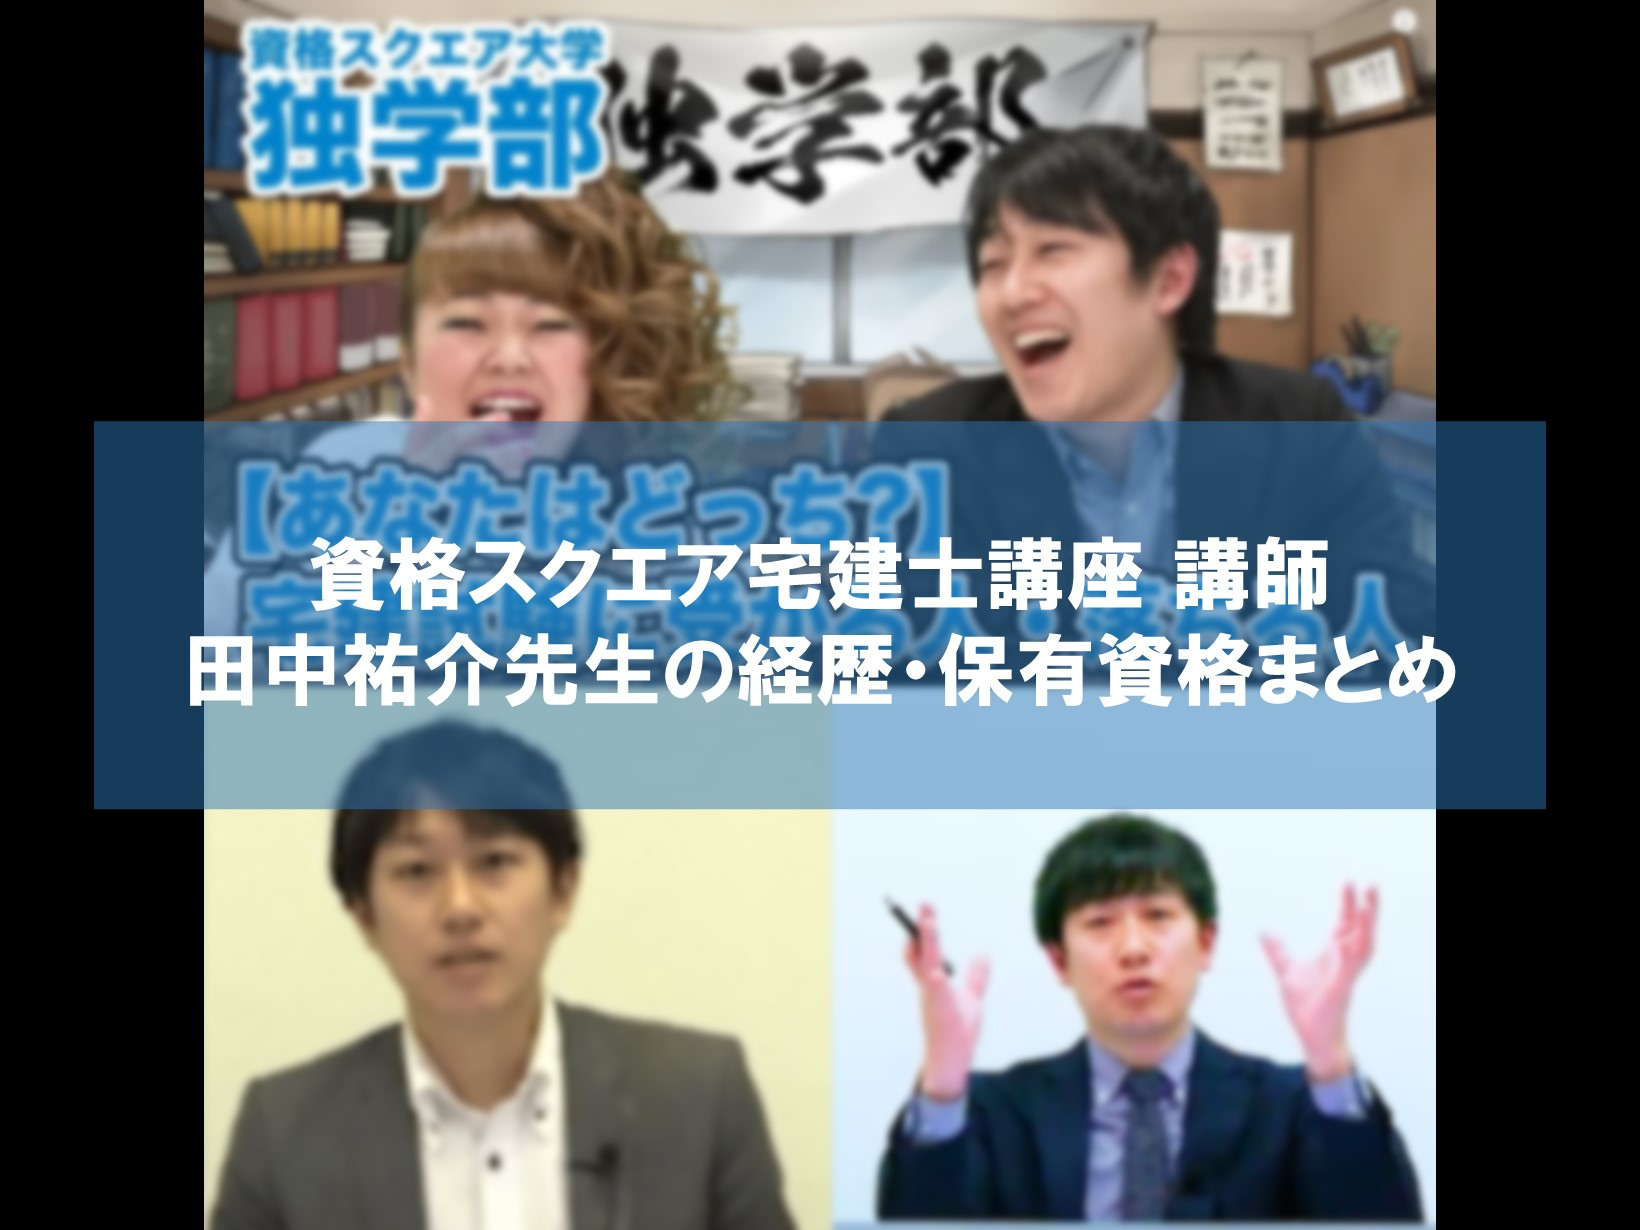 資格スクエア宅建講師 田中祐介先生の経歴・保有資格まとめ